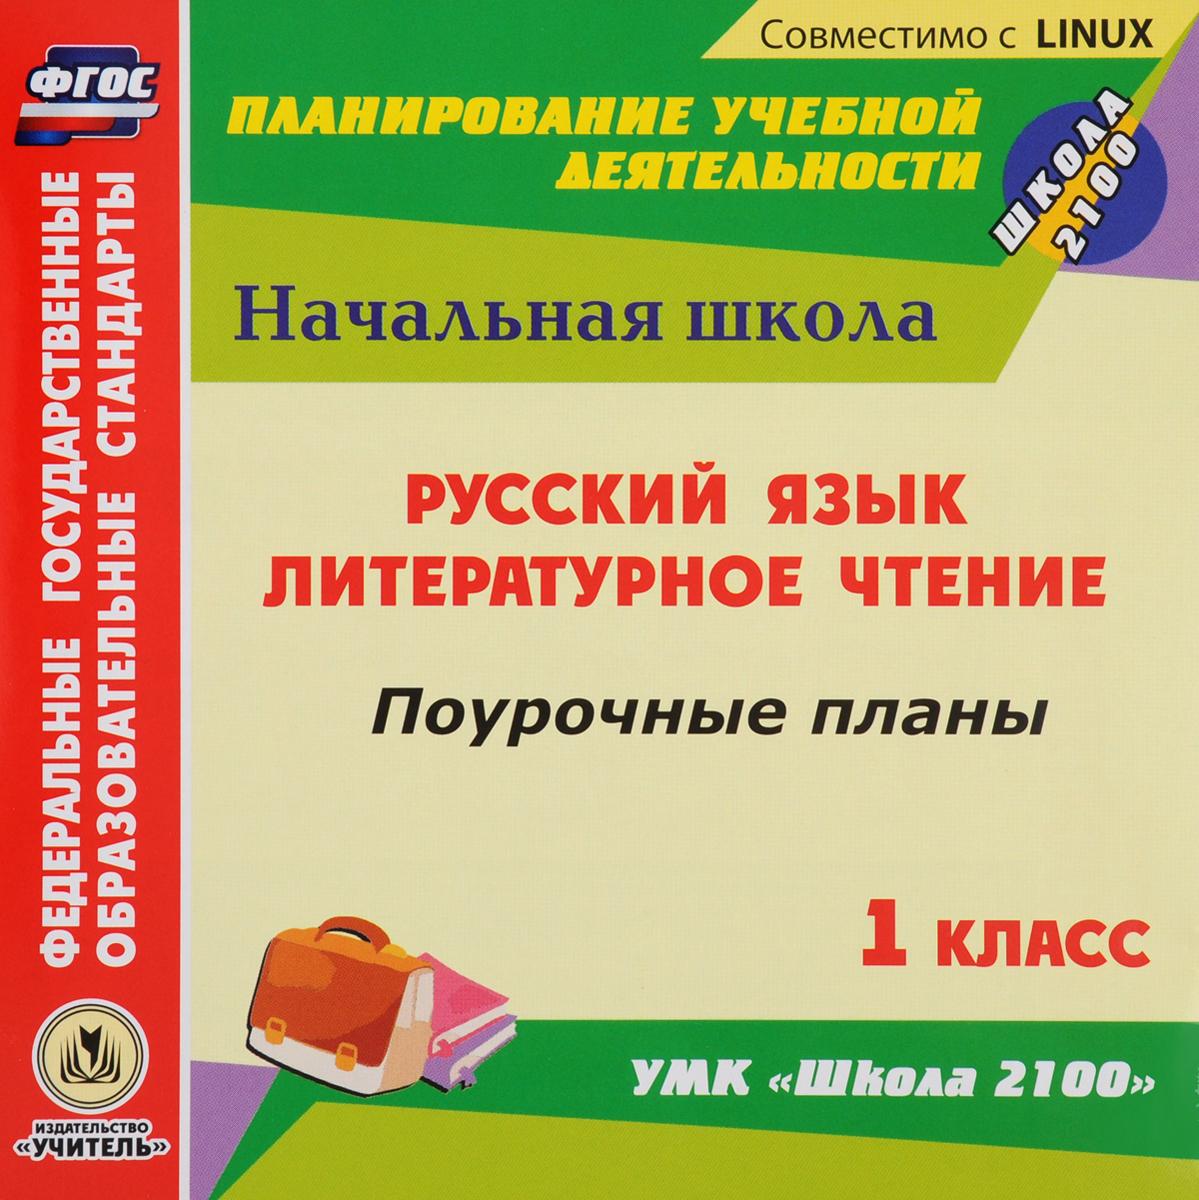 Поурочные планы к УМК Школа 2100. Русский язык. Литературное чтение. 1 класс